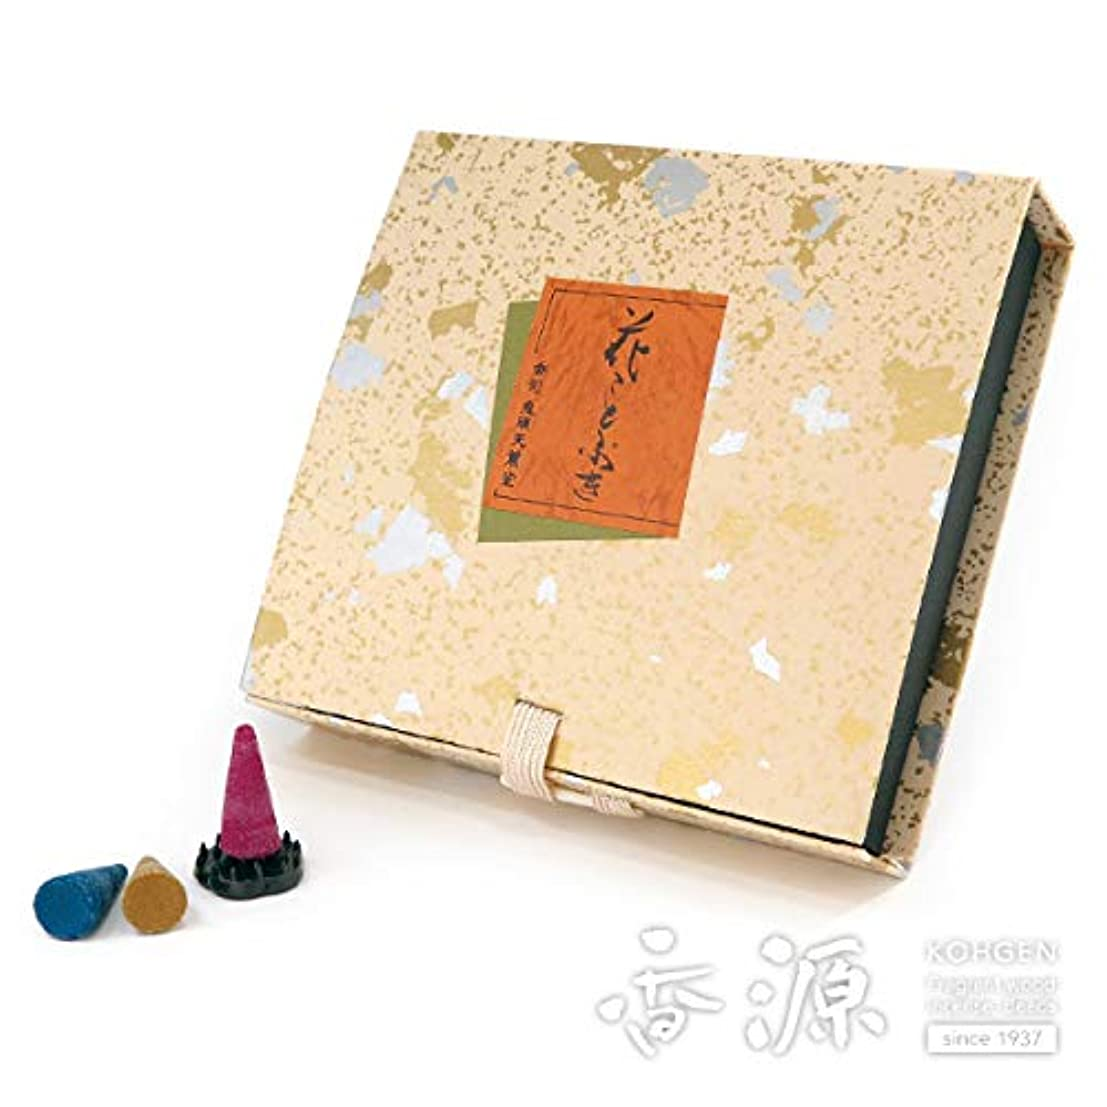 前調整可能コンチネンタル鬼頭天薫堂のお香 花ことぶき コーン型36個入